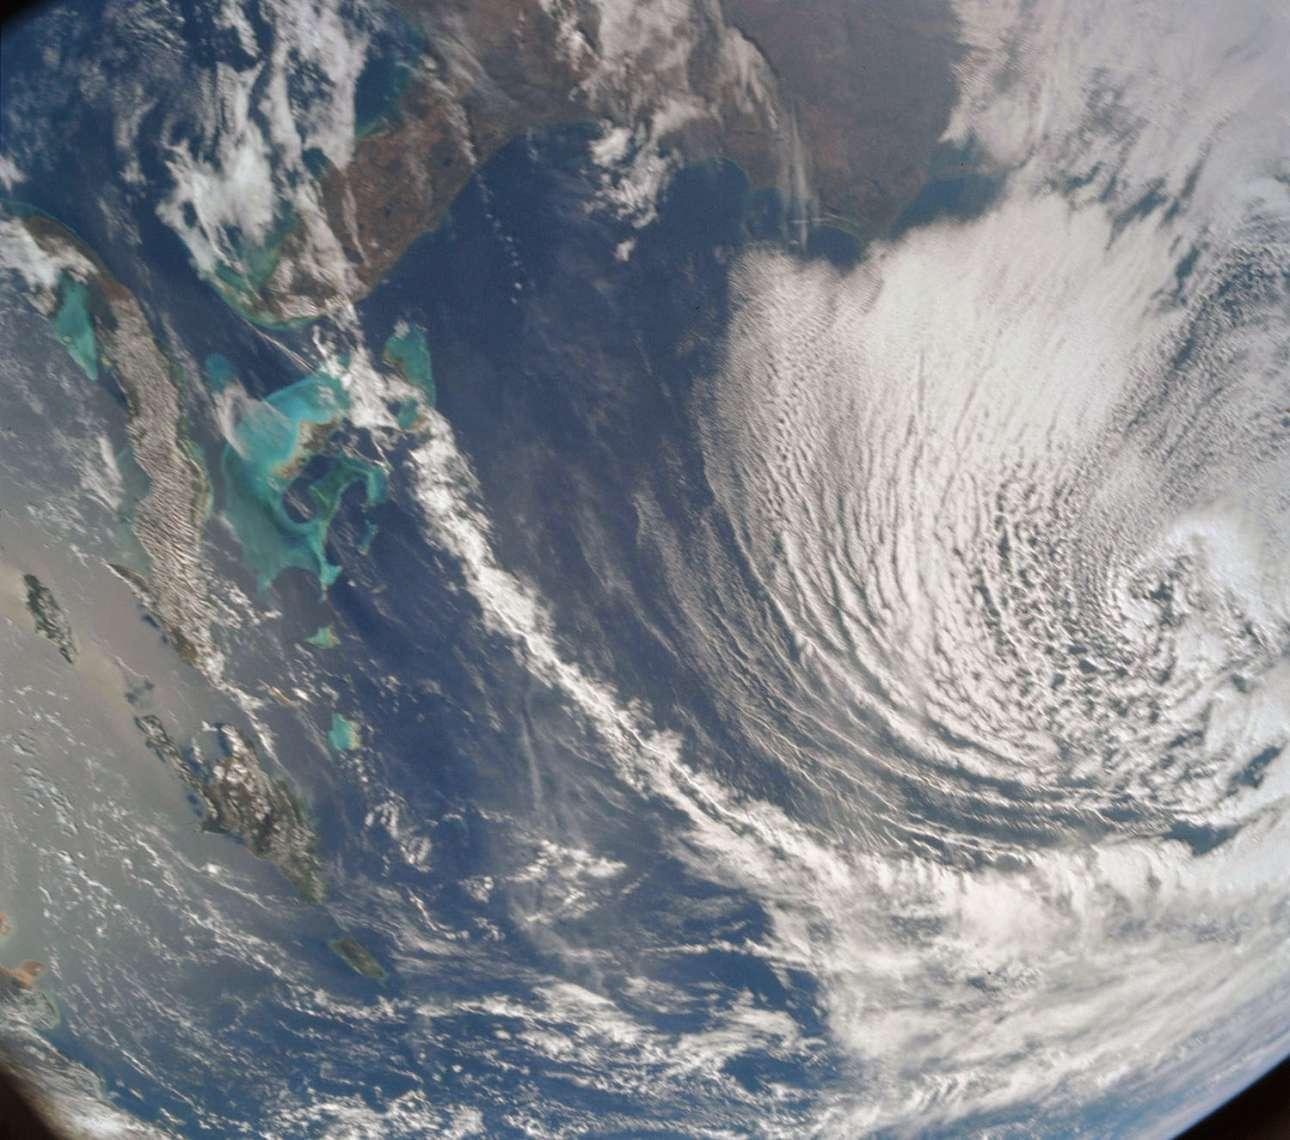 Η παραπάνω εικόνα τραβήχτηκε από το διαστημόπλοιο Apollo 8 ενώ βρισκόταν στην τροχιά της Γης. Διακρίνονται οι περισσότερες από τις νοτιοανατολικές πολιτείες, η Καραϊβική Θάλασσα και η ακτογραμμή των ΗΠΑ, από τον κόλπο Chesapeake μέχρι τη χερσόνησο της Φλόριντα.  Οι Μπαχάμες και τα νησιά της Κούβας, της Τζαμάικας και του Πουέρτο Ρίκο επεκτείνονται σε όλη την Καραϊβική: το γαλάζιο των ρηχών νερών των Μπαχαμών έρχεται σε έντονη αντίθεση με την πιο σκούρα απόχρωση των βαθύτερων θαλασσών